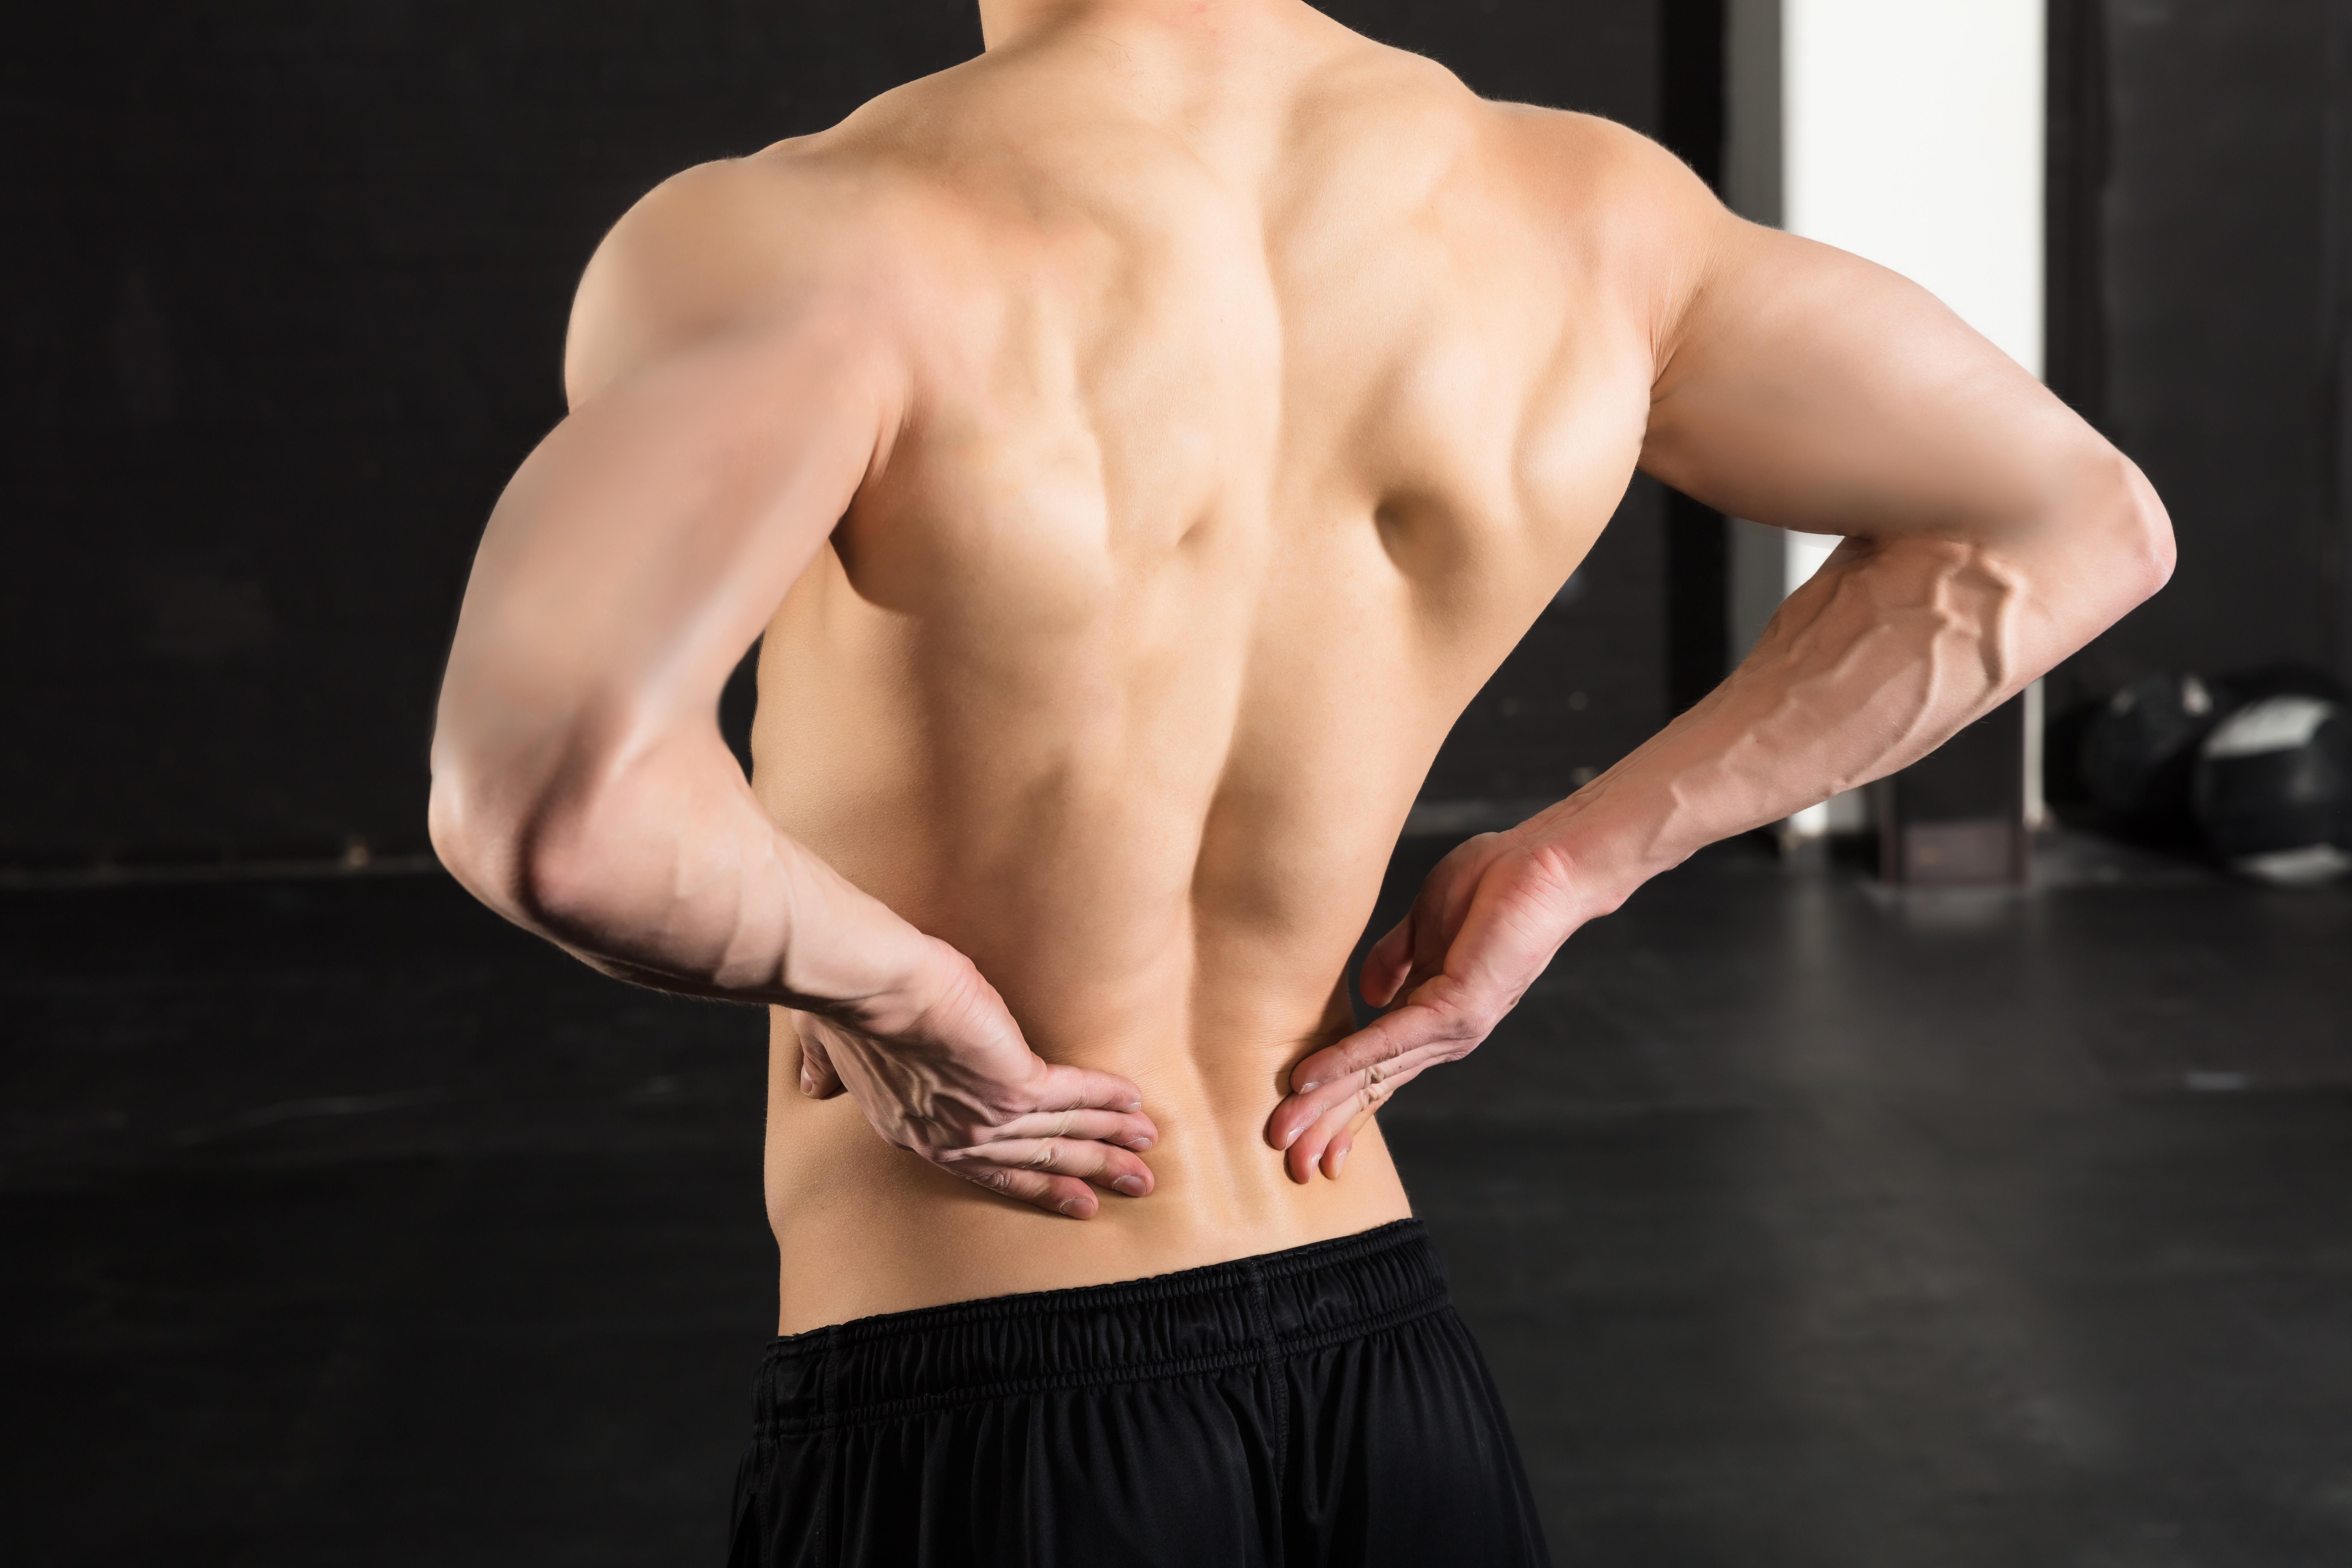 腰に痛みをかかえる筋骨隆々の男性